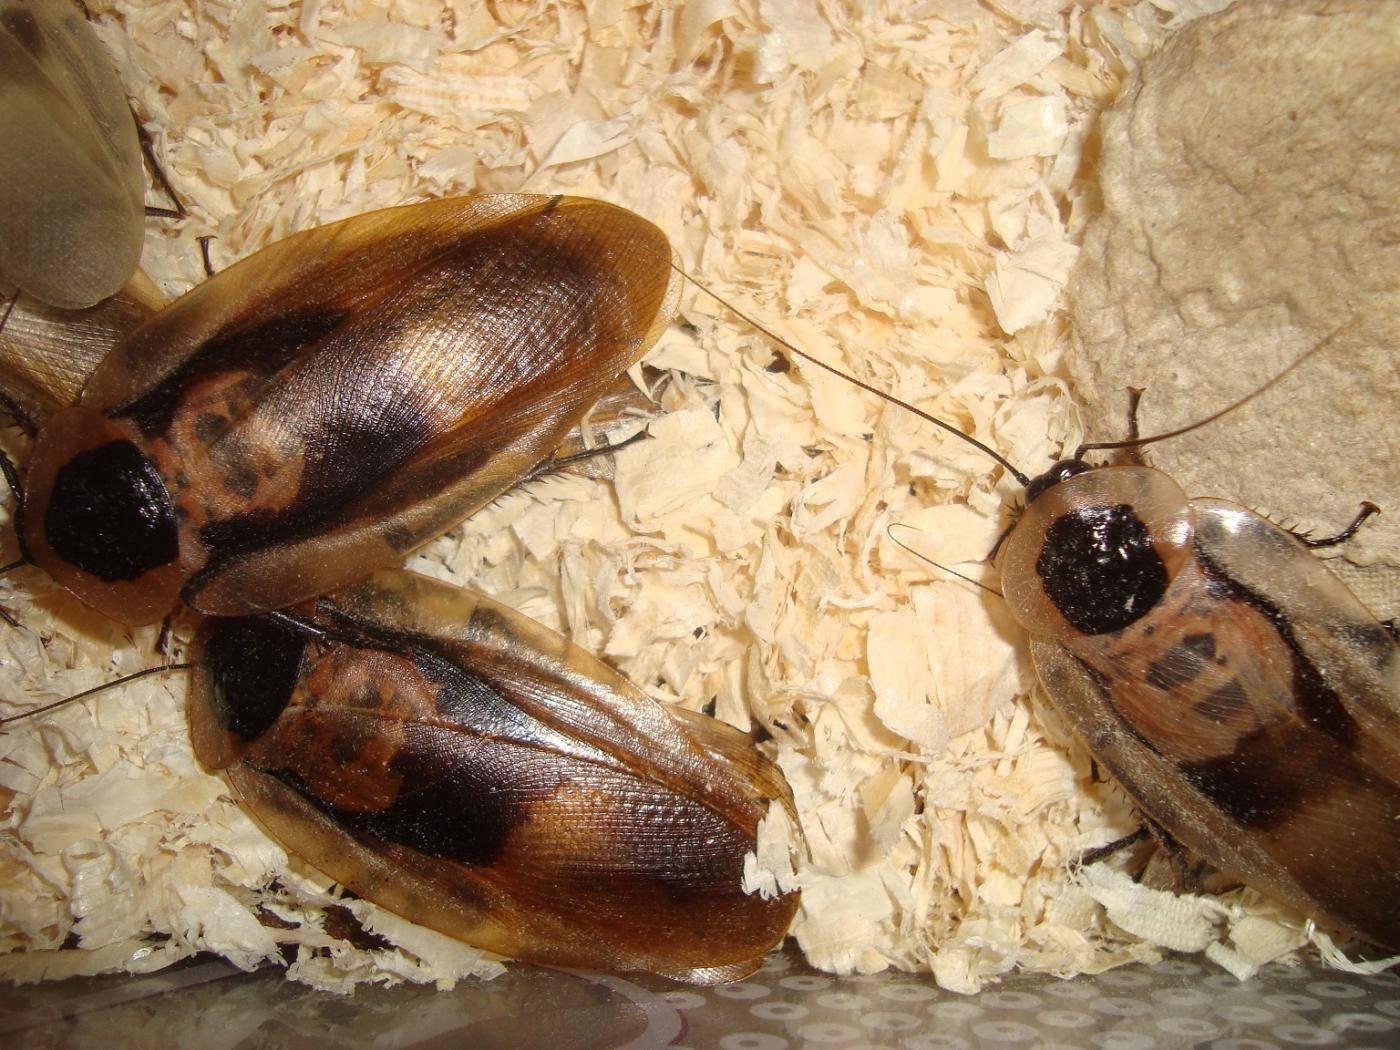 Мраморный таракан - фото, разведение и кормление